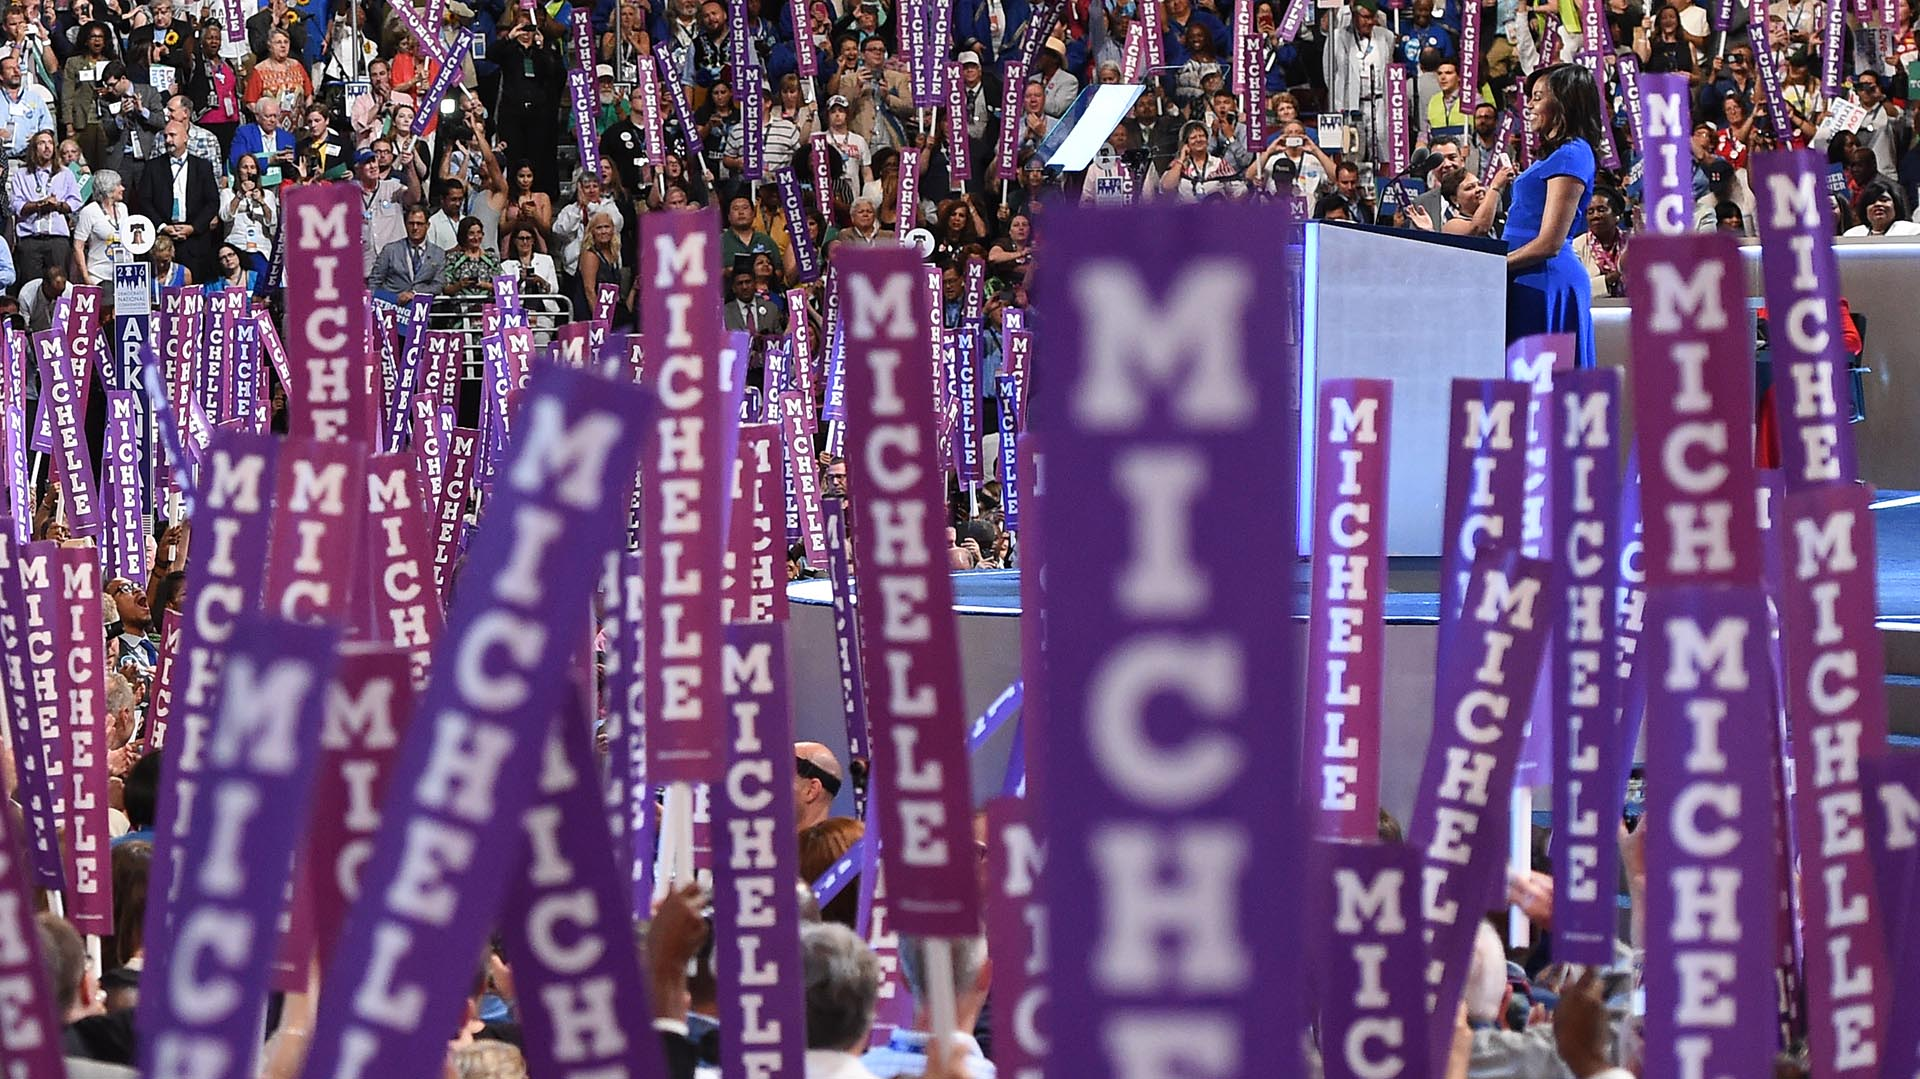 Massa en EE UU: Reunión con demócratas y encuentro